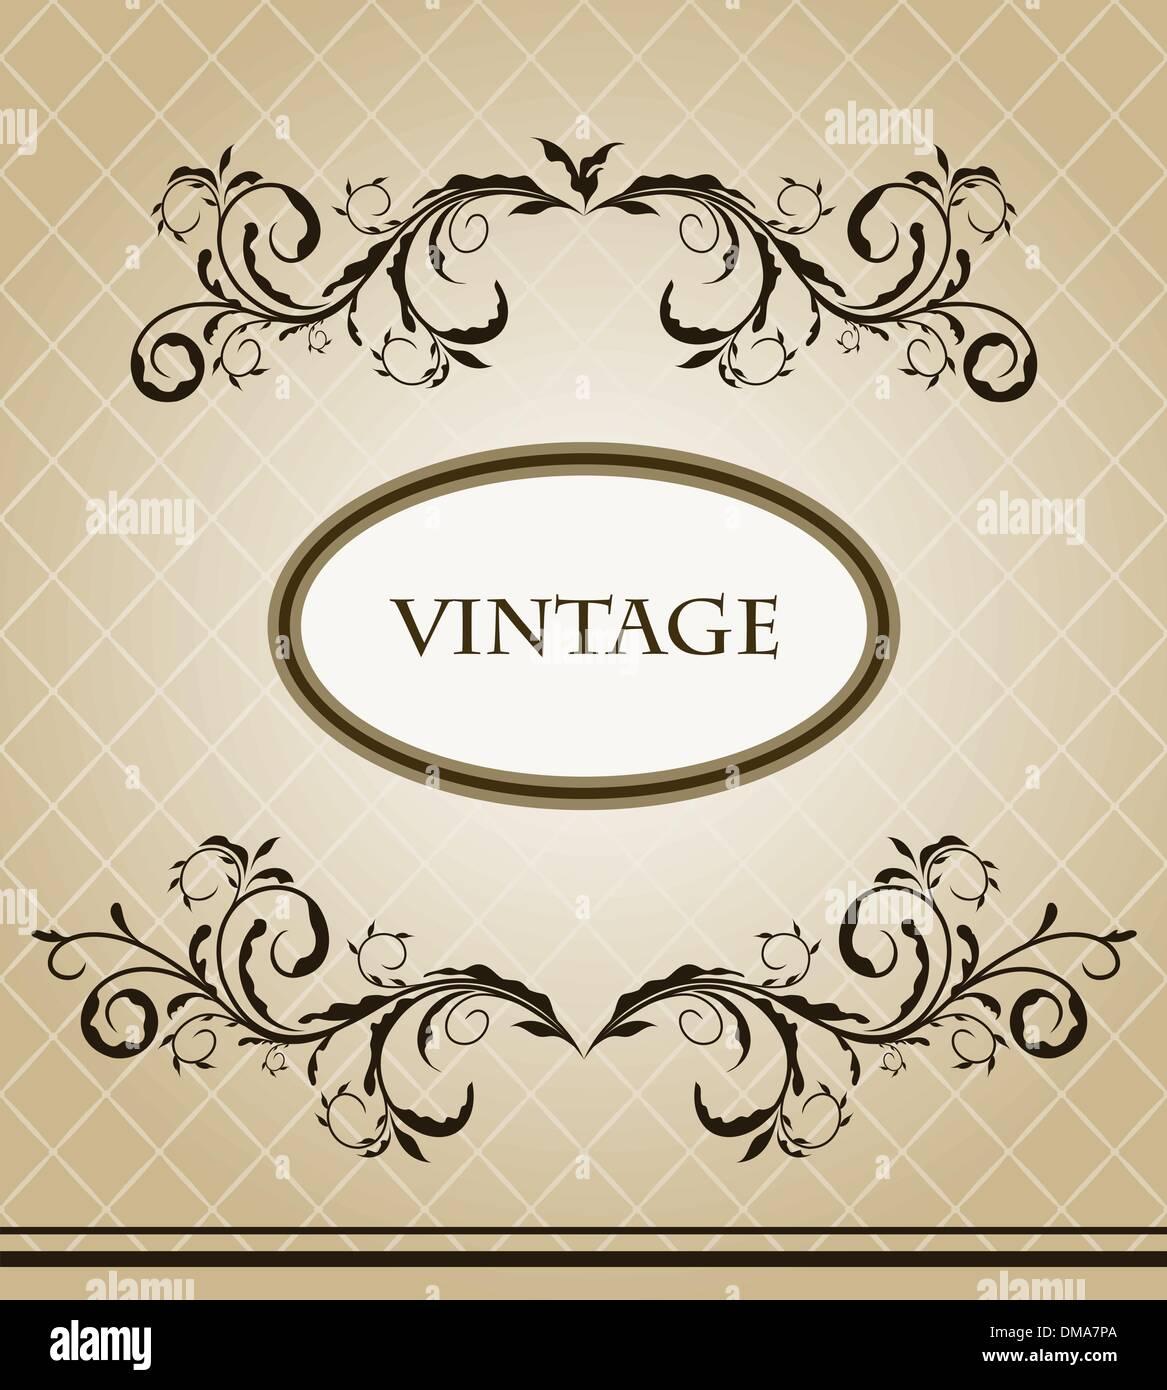 Vintage frame - Stock Image